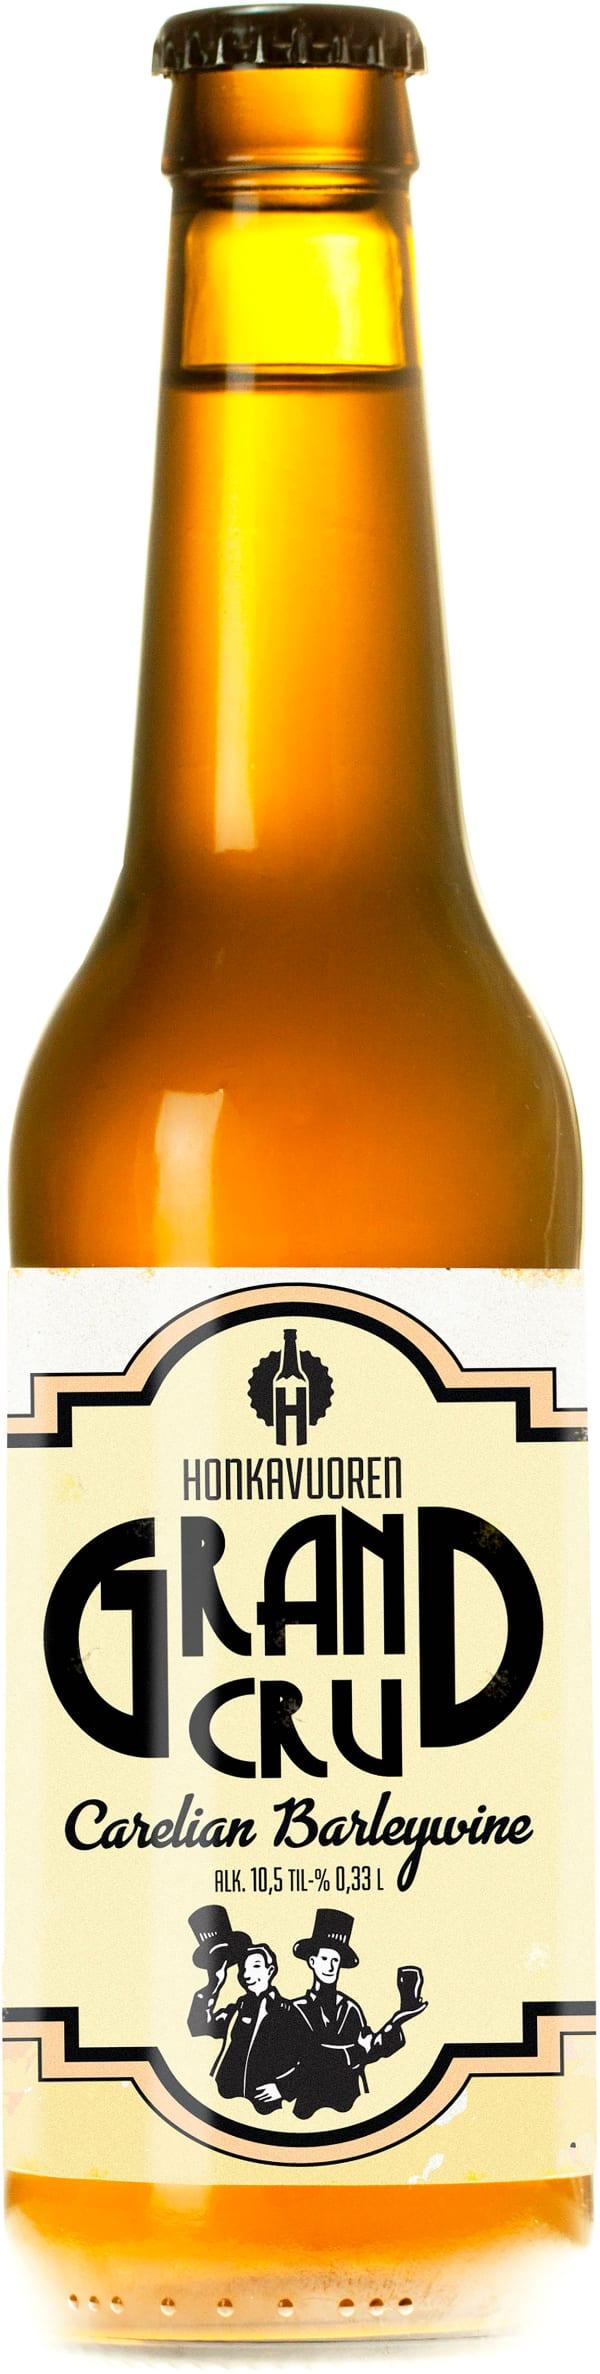 Honkavuoren Grand Cru Barley Wine